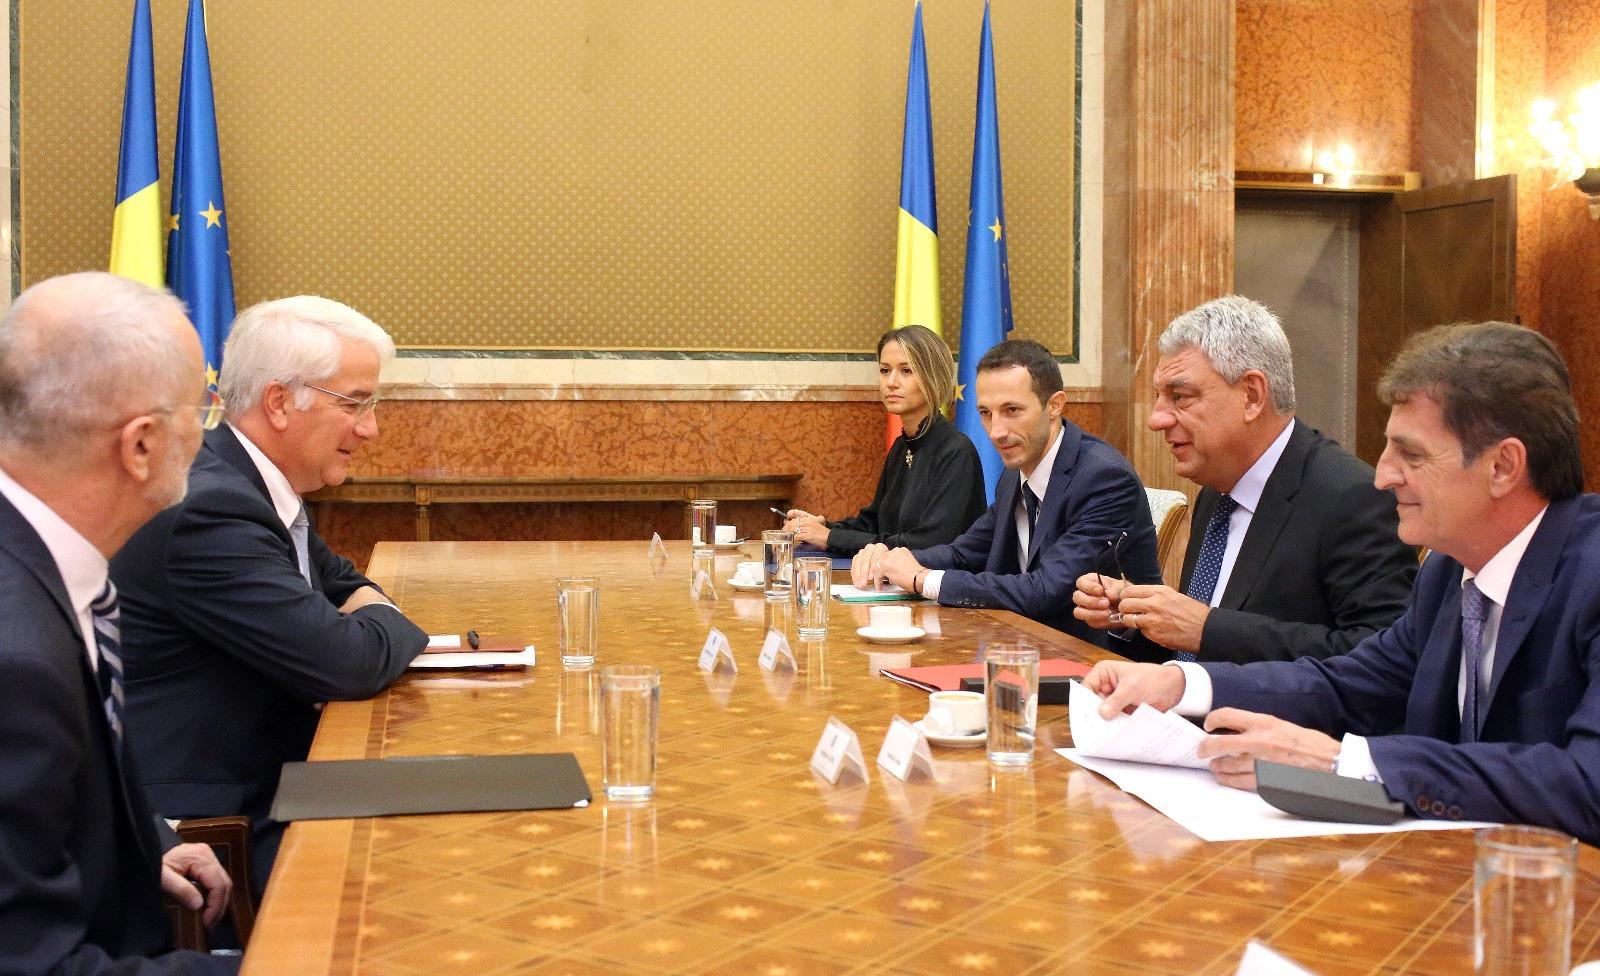 Premierul Mihai Tudose a semnat contract cu Lockheed Martin pentru transfer de tehnologie pentru avioanele F16